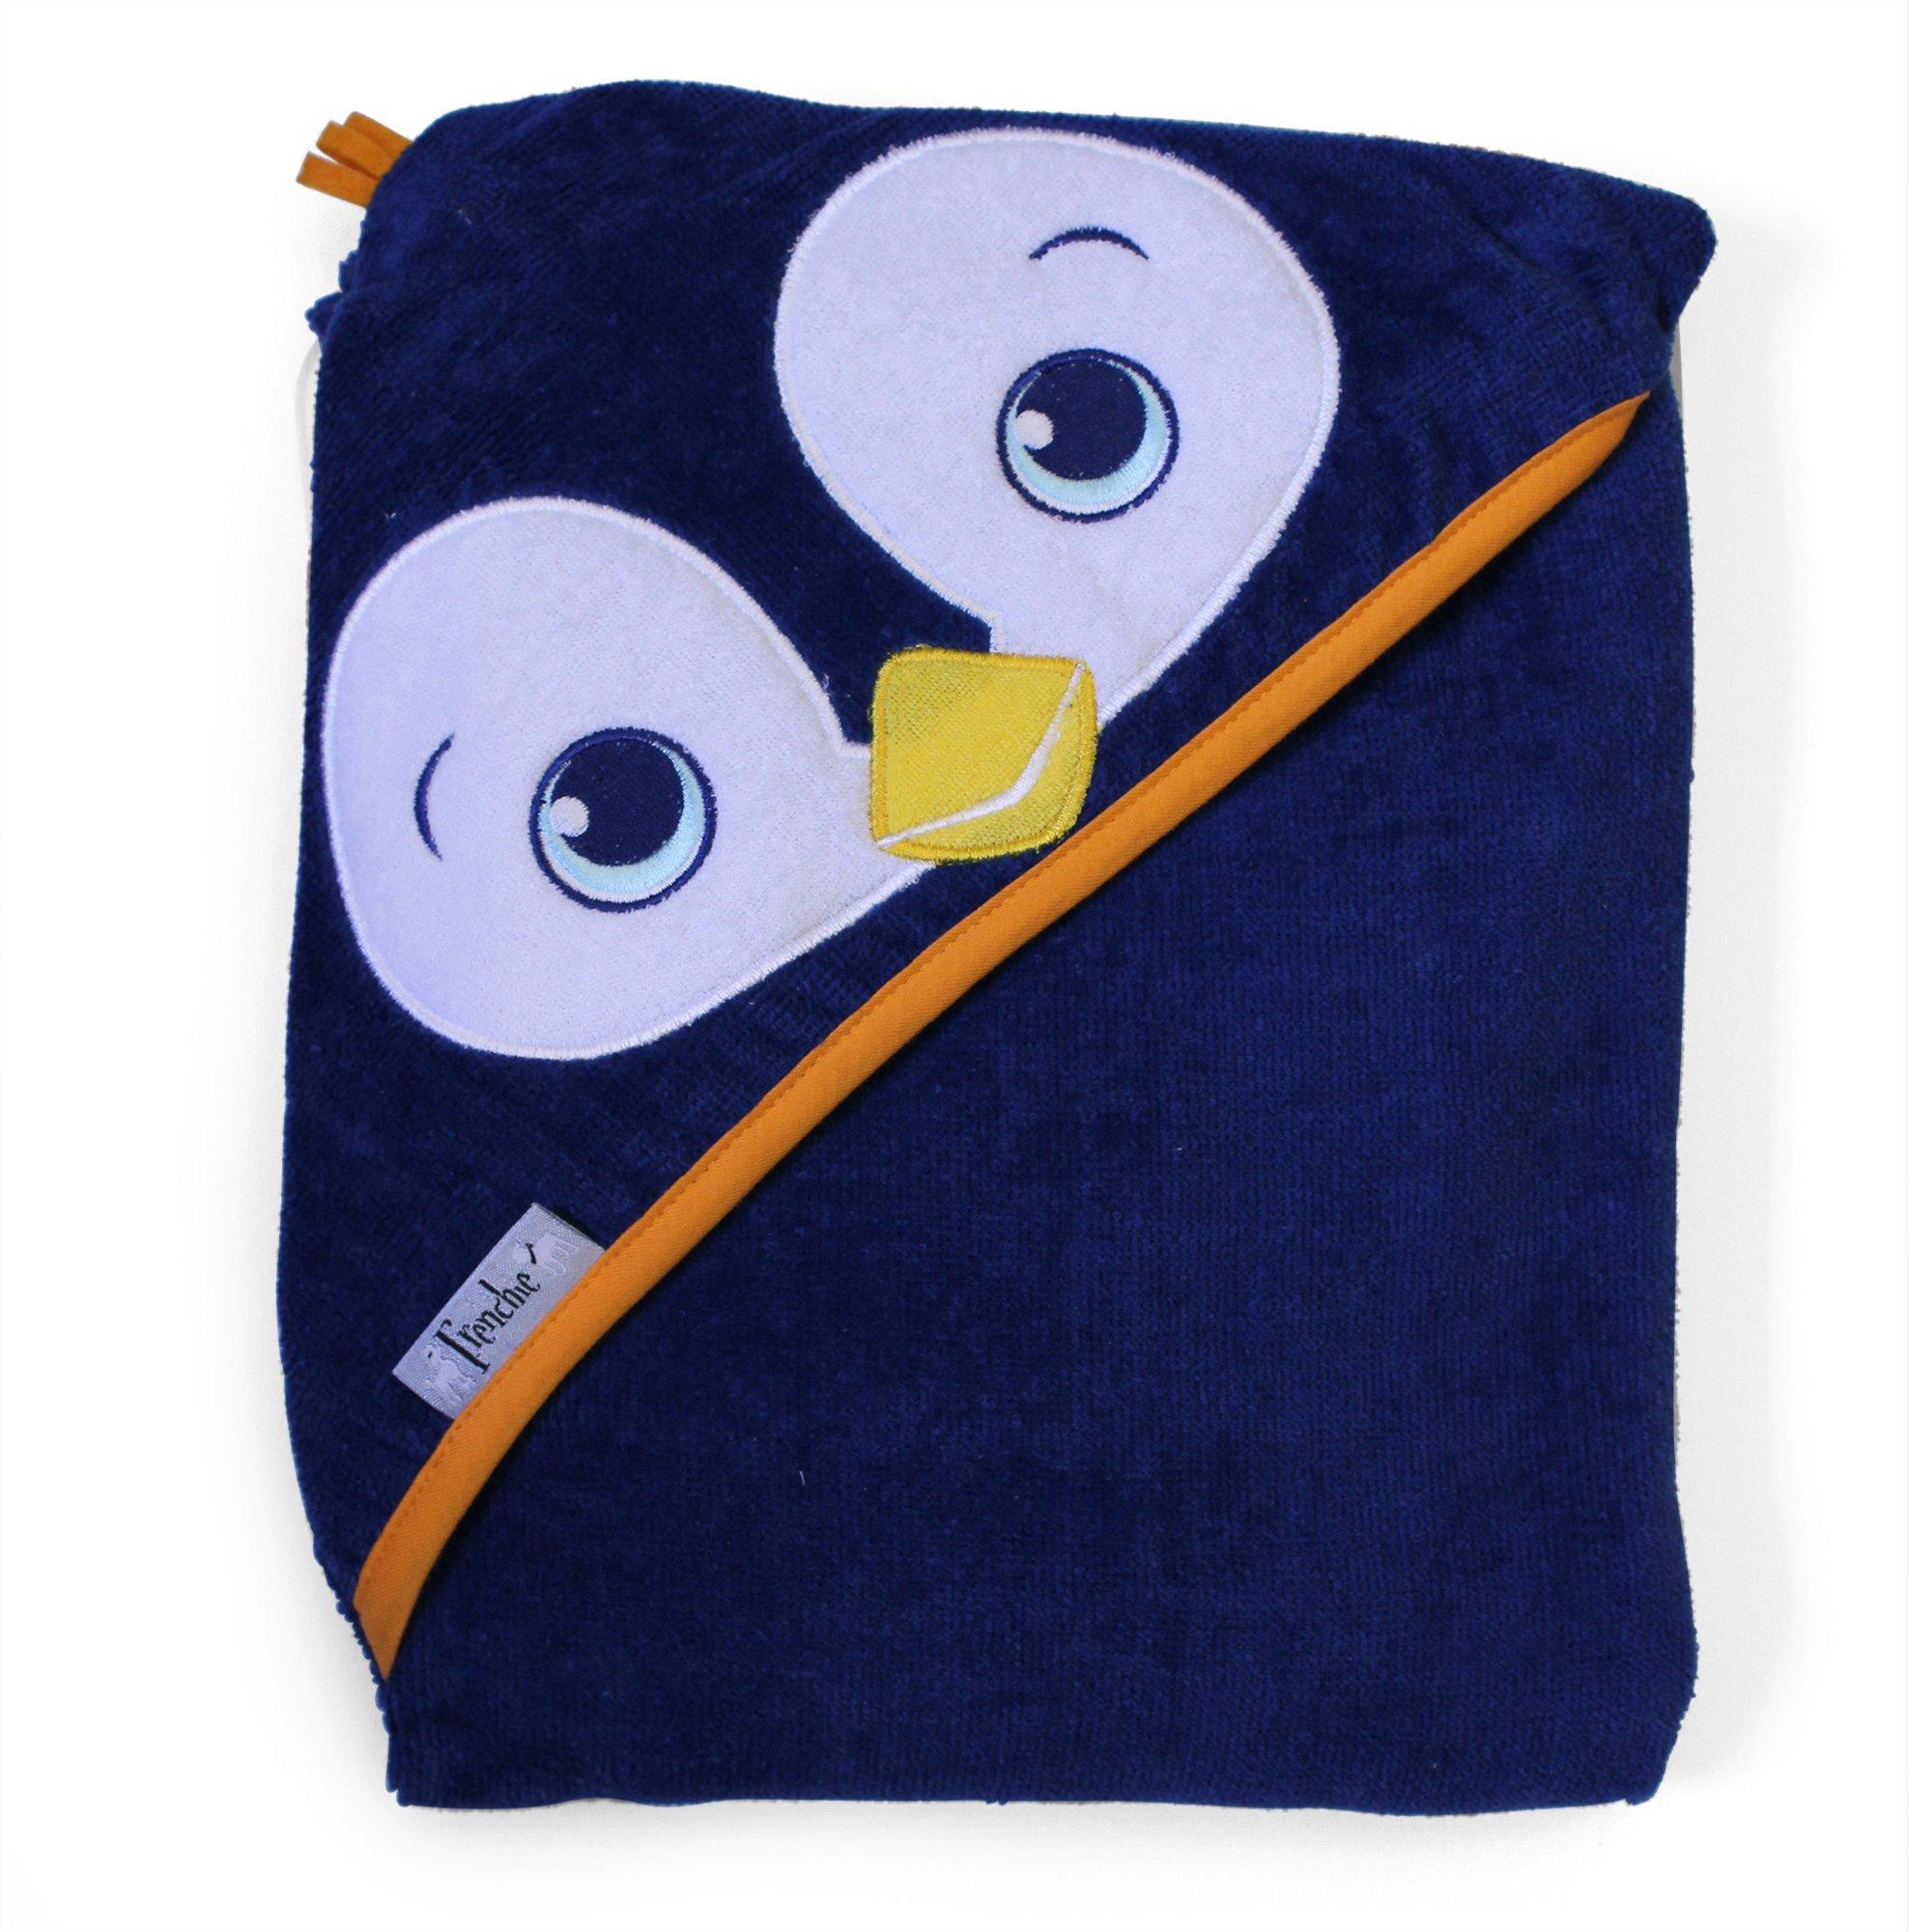 Amazon.com : Extra Large 40x30 Inch, Monkey Hooded Towel